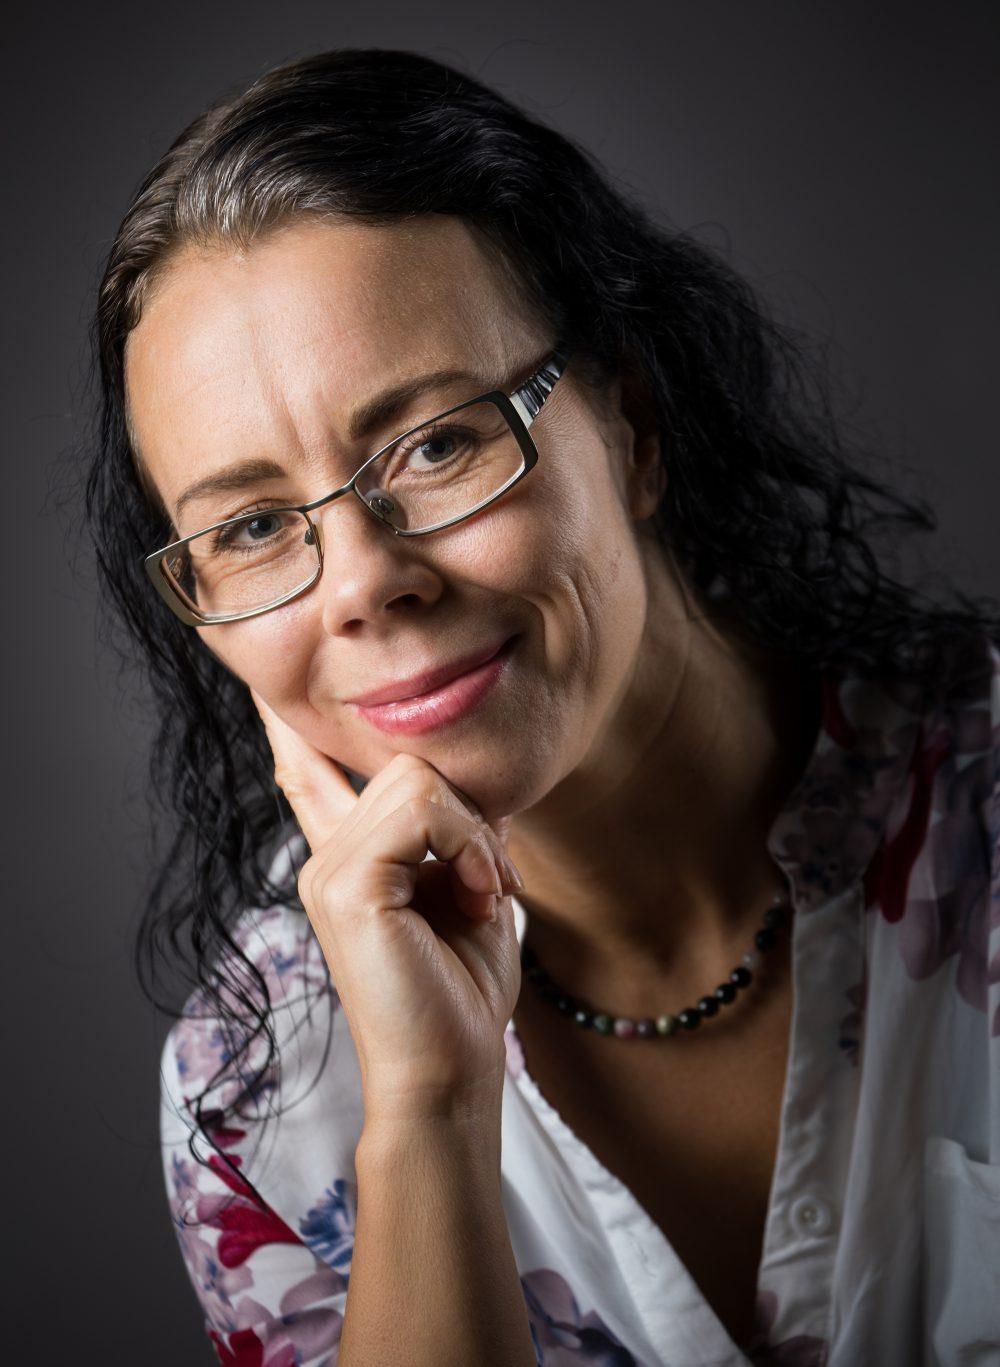 Författare Johanna Willmark, Vikarbyn, Dalarna